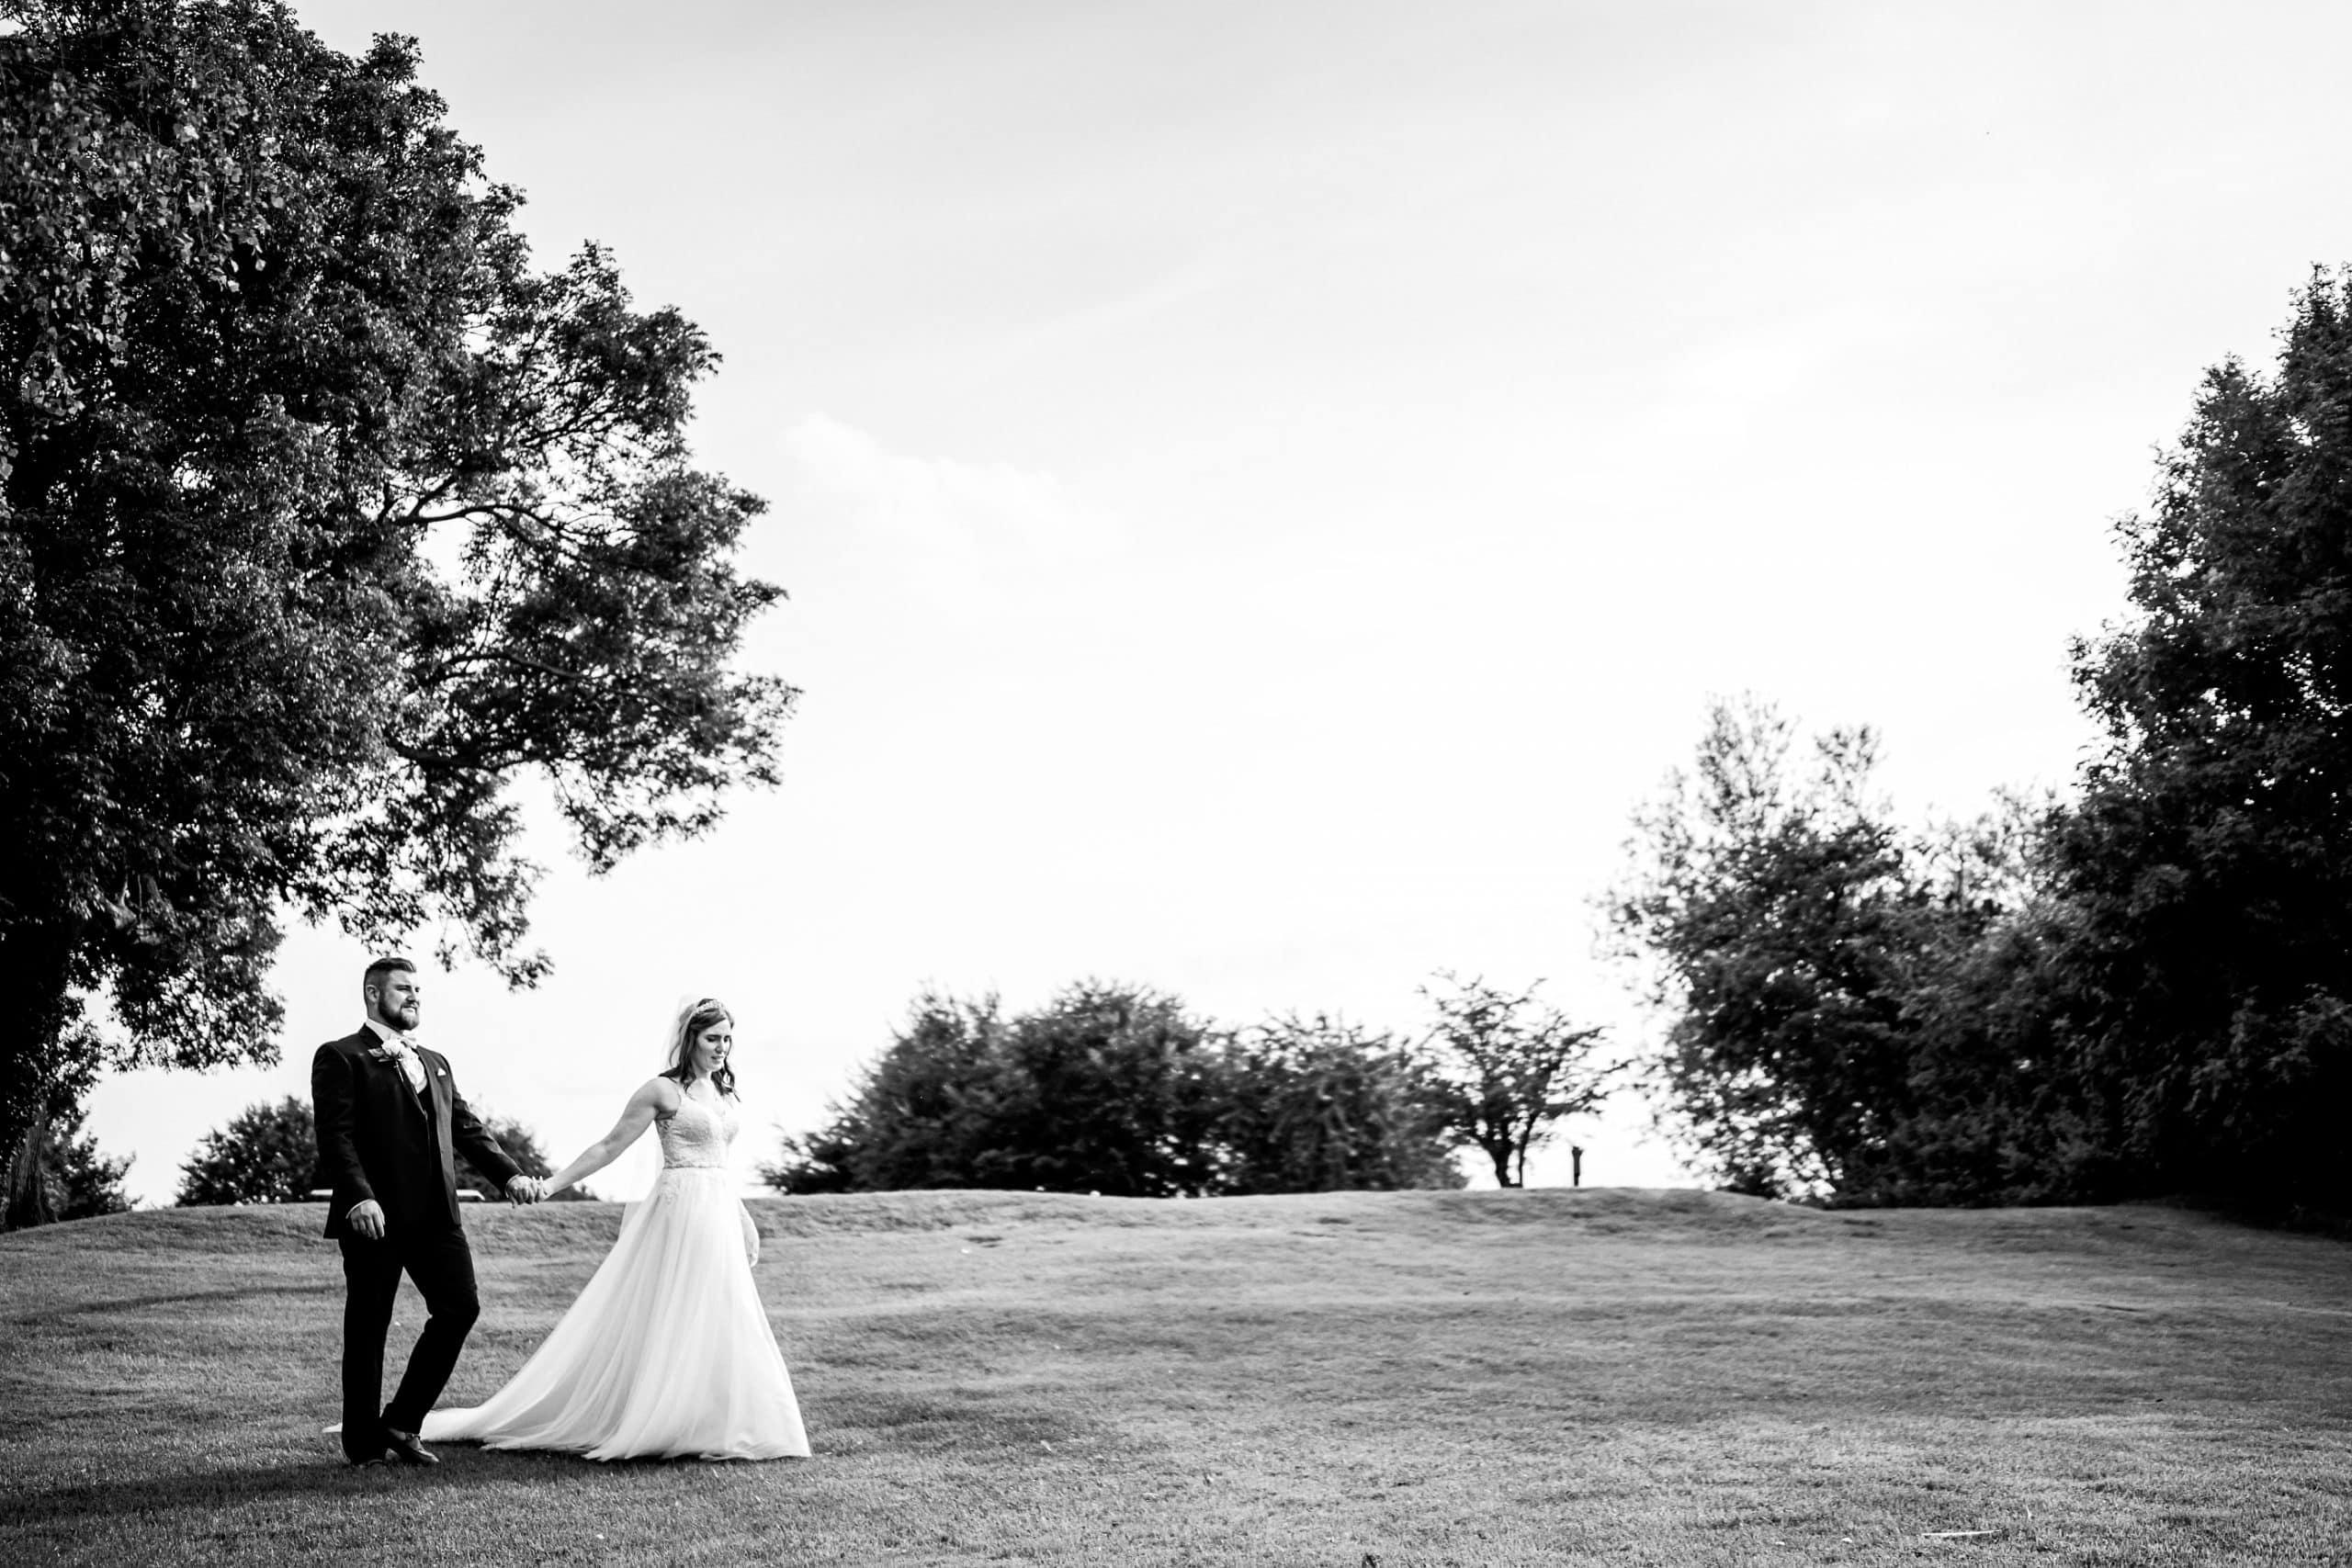 normanton-church-wedding-photography-29